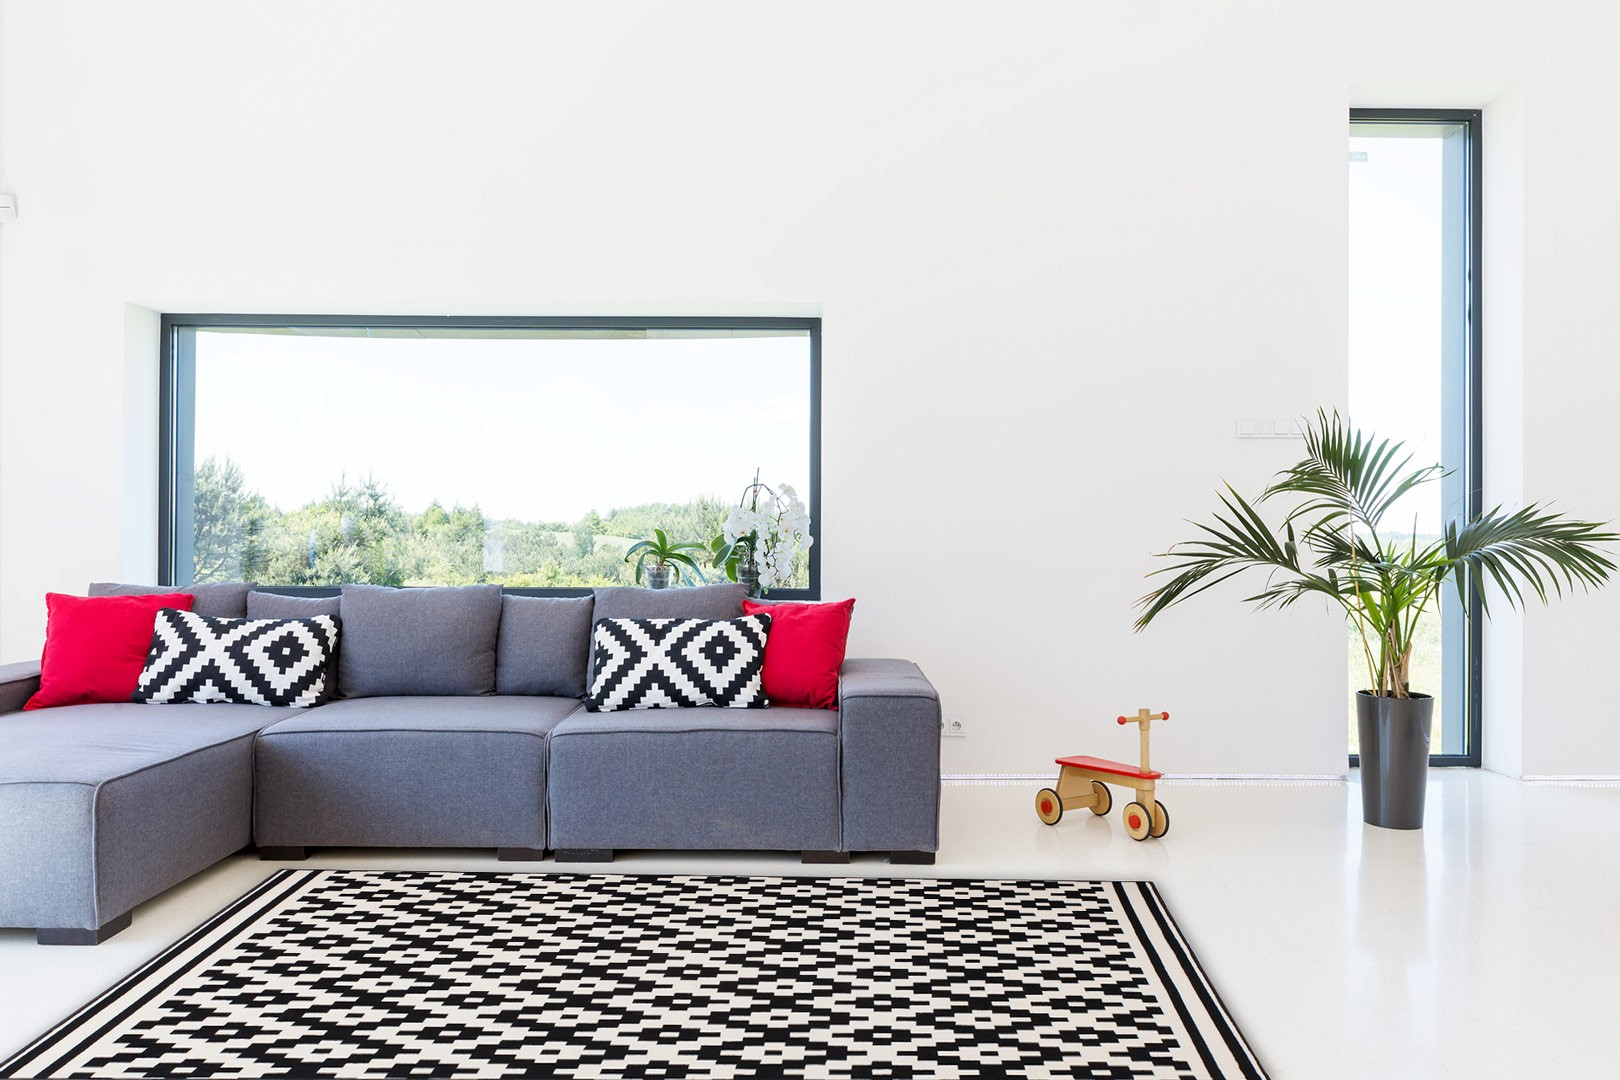 tapis tiss m canique scandinave noir et cr me bogata. Black Bedroom Furniture Sets. Home Design Ideas